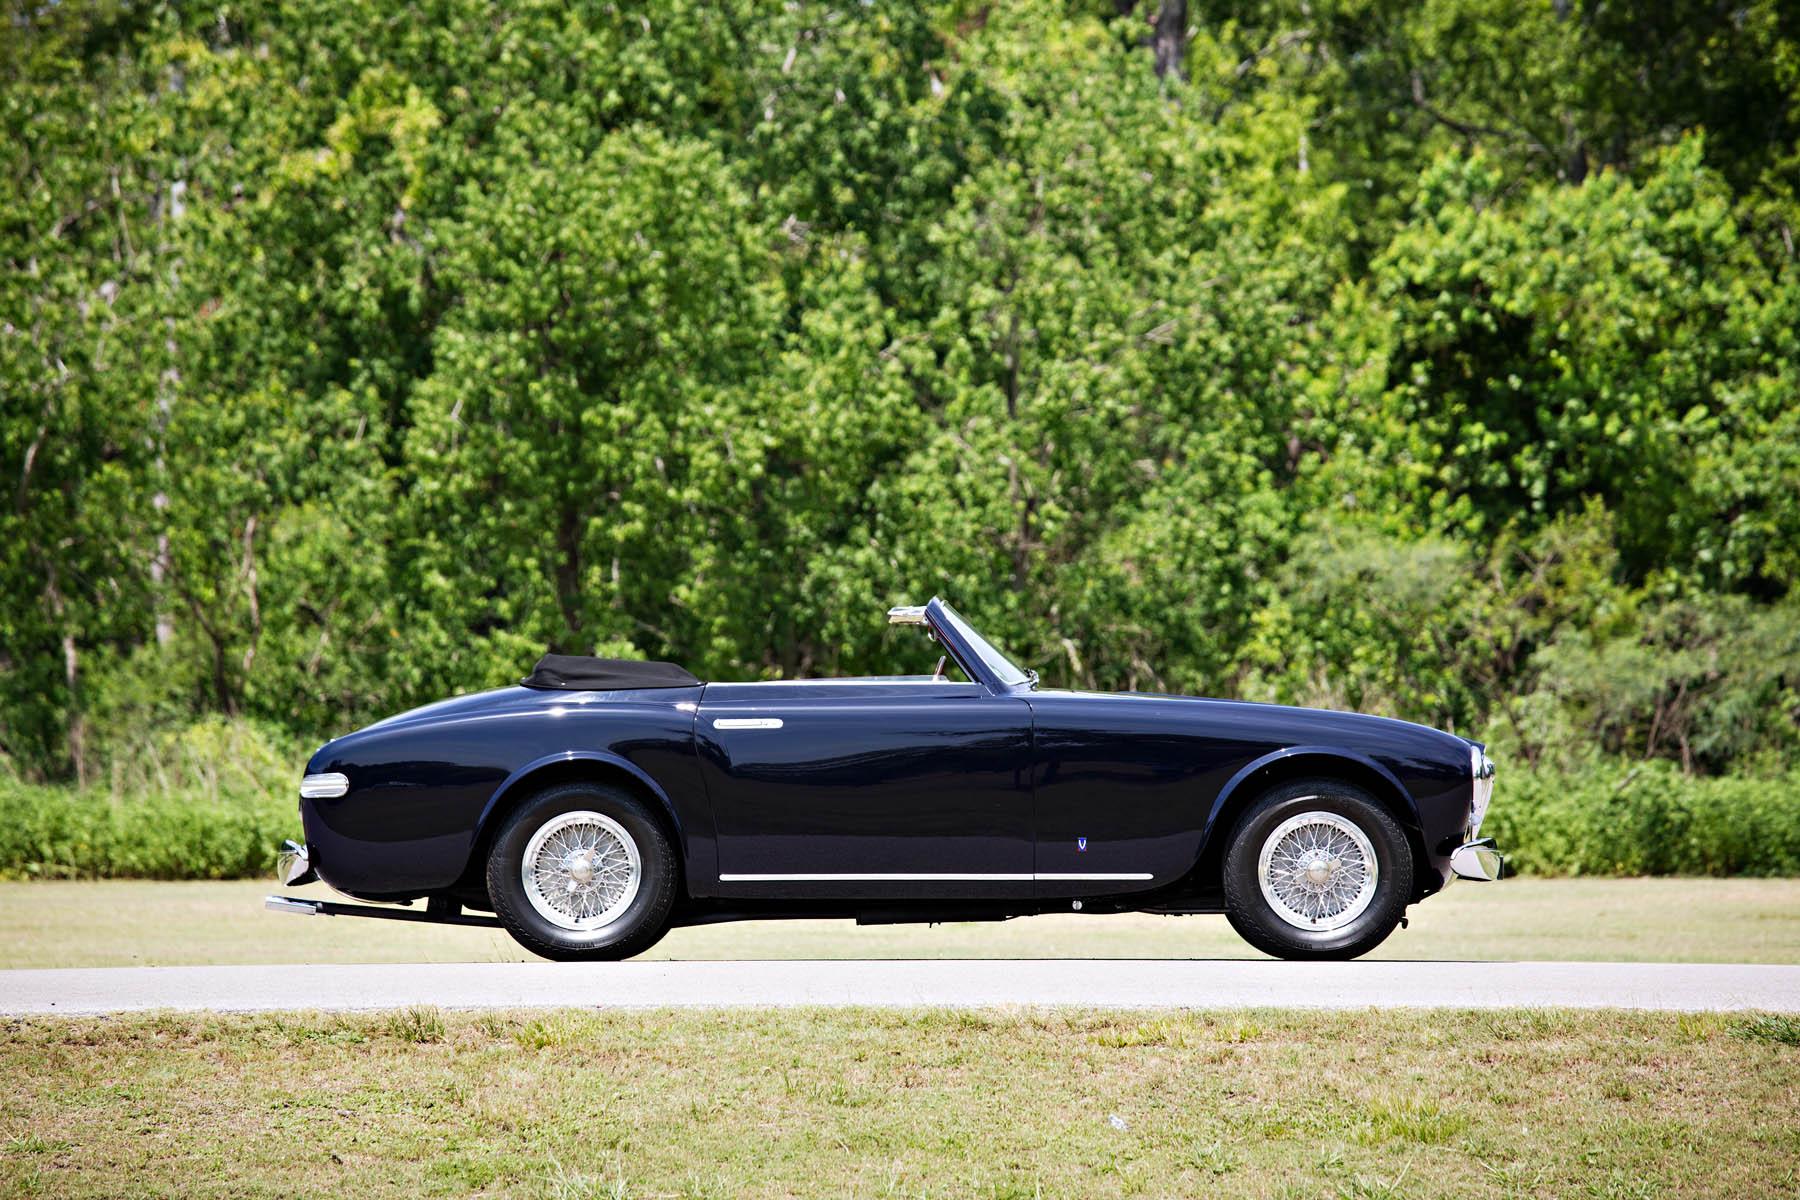 On the block: 1952 Ferrari 212 Europa Cabriolet (Estimate: $1,350,000 - $1,650,000). Image courtesy Gooding & Company/Brian Henniker